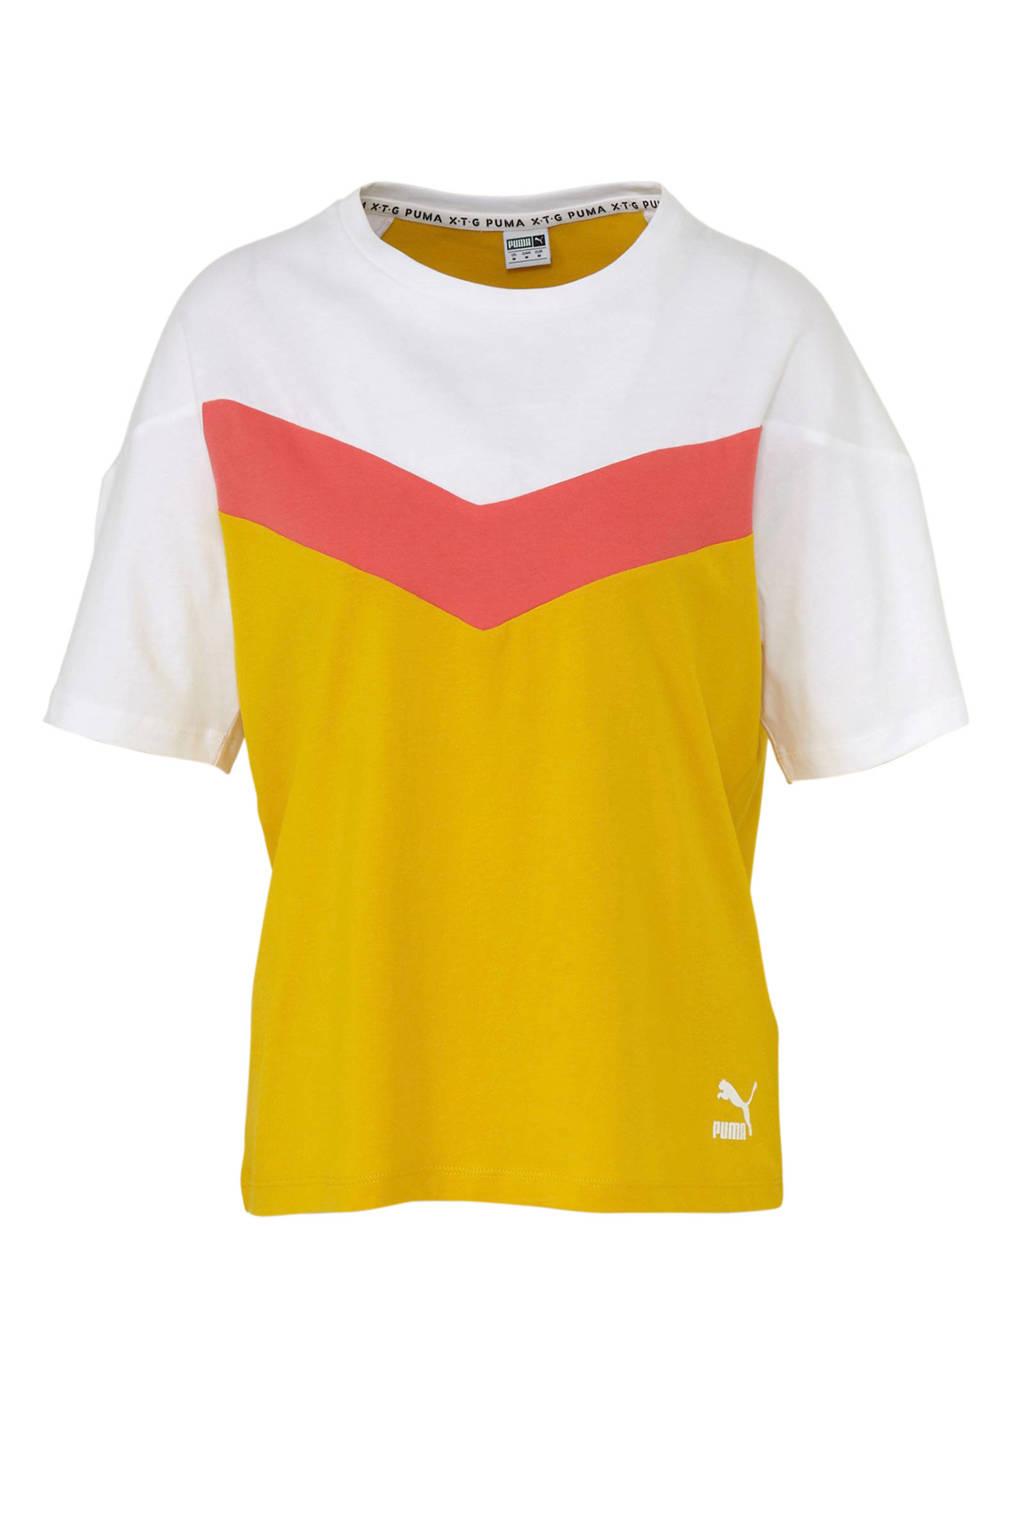 Puma T-shirt geel/wit/roze, Geel/wit/roze